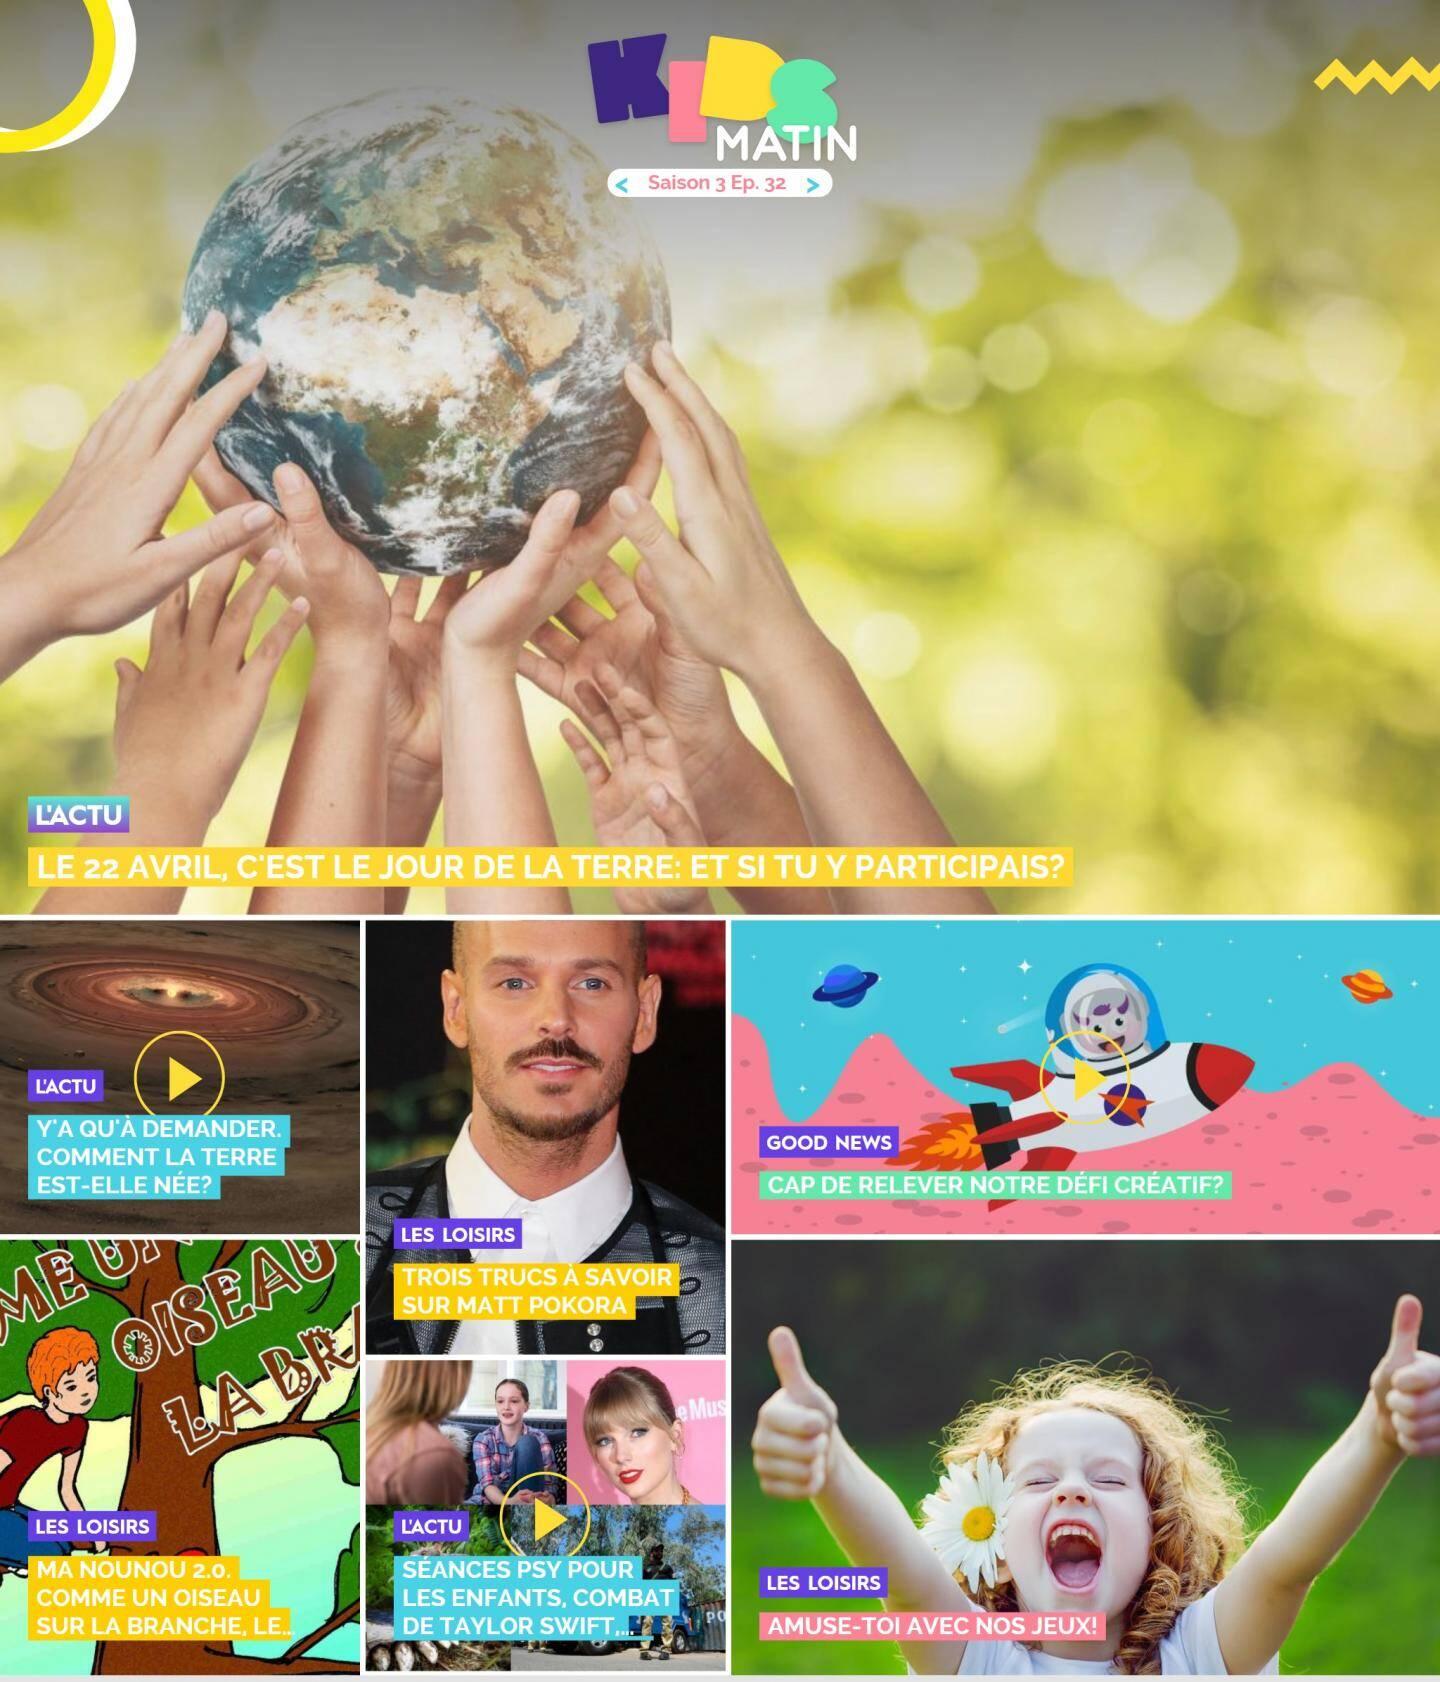 La page d'accueil de kidsmatin.com ce mercredi 21 avril.